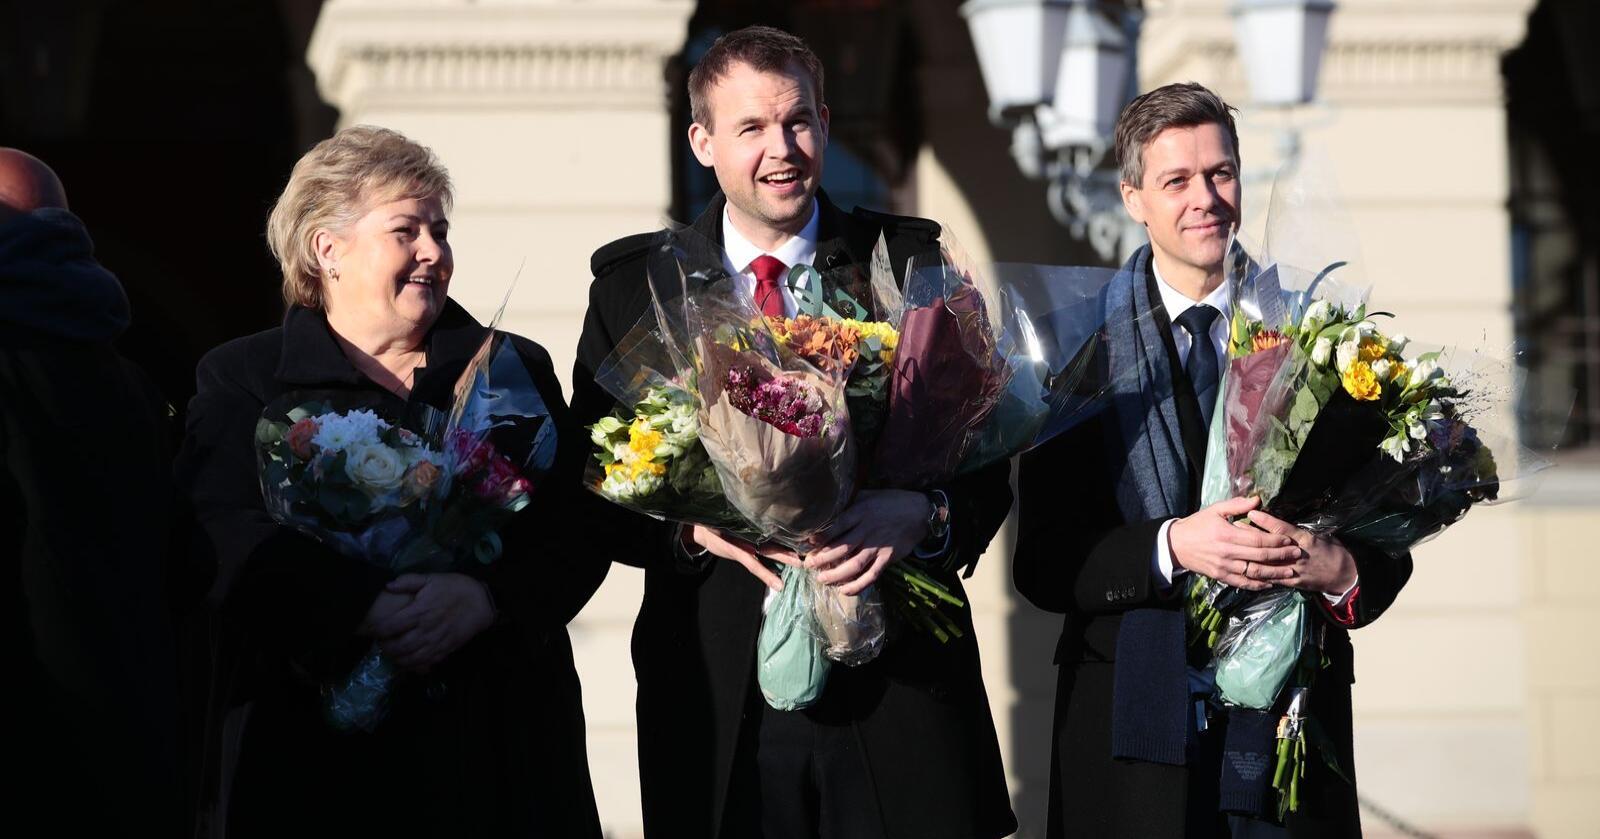 Knut Arild Hareide (t.h.) ble fredag presentert som ny samferdselsminister. Her sammen med statsminister Erna Solberg og Kjell Ingolf Ropstad. Foto: Håkon Mosvold Larsen / NTB scanpix.